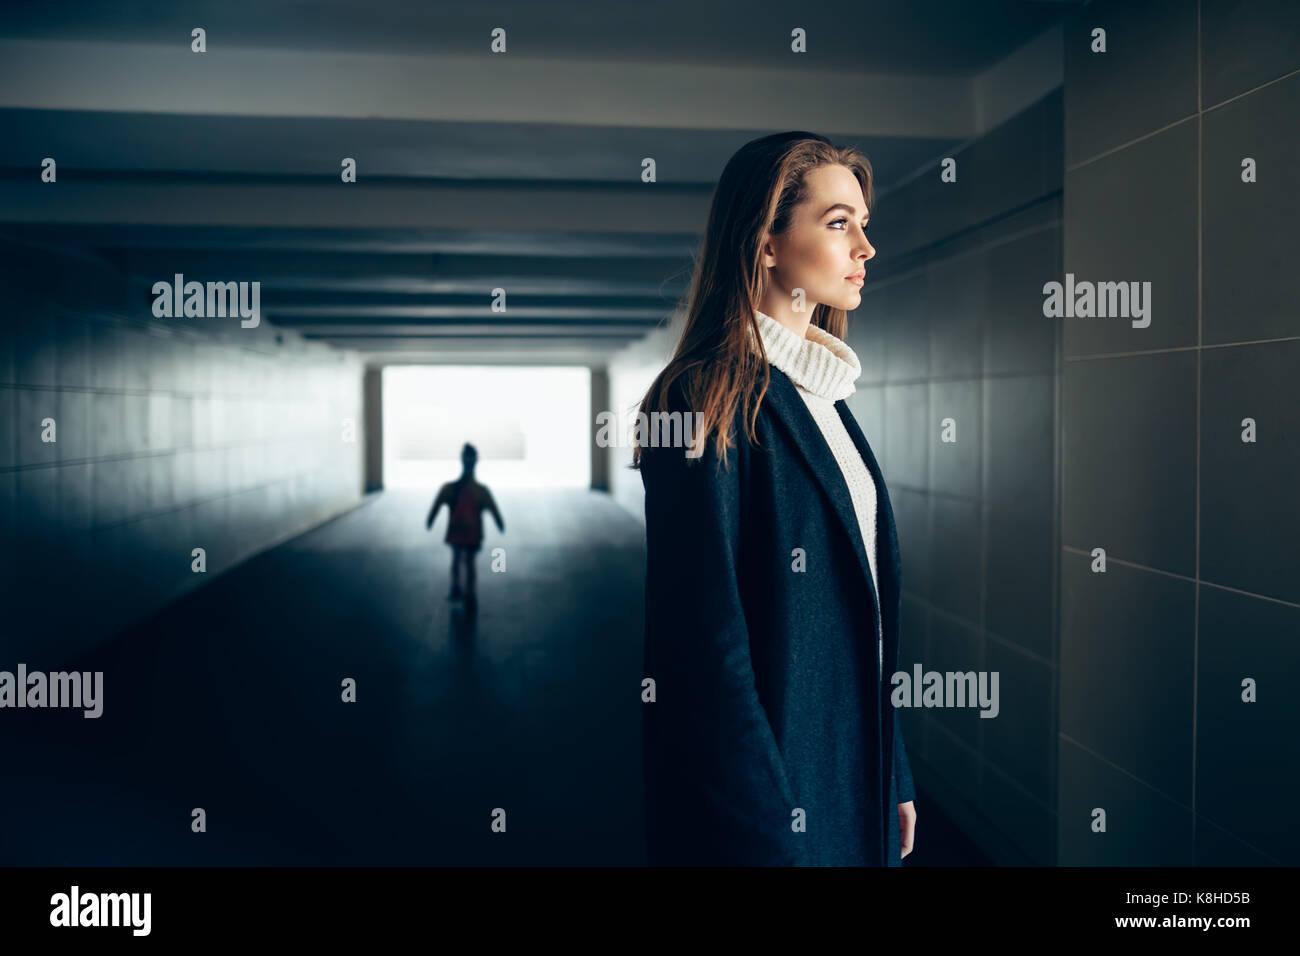 Wunderschöne einsame Frau in einem U-Bahn Tunnel mit erschrecken Silhouette auf Hintergrund. Surrealismus Konzept Stockbild